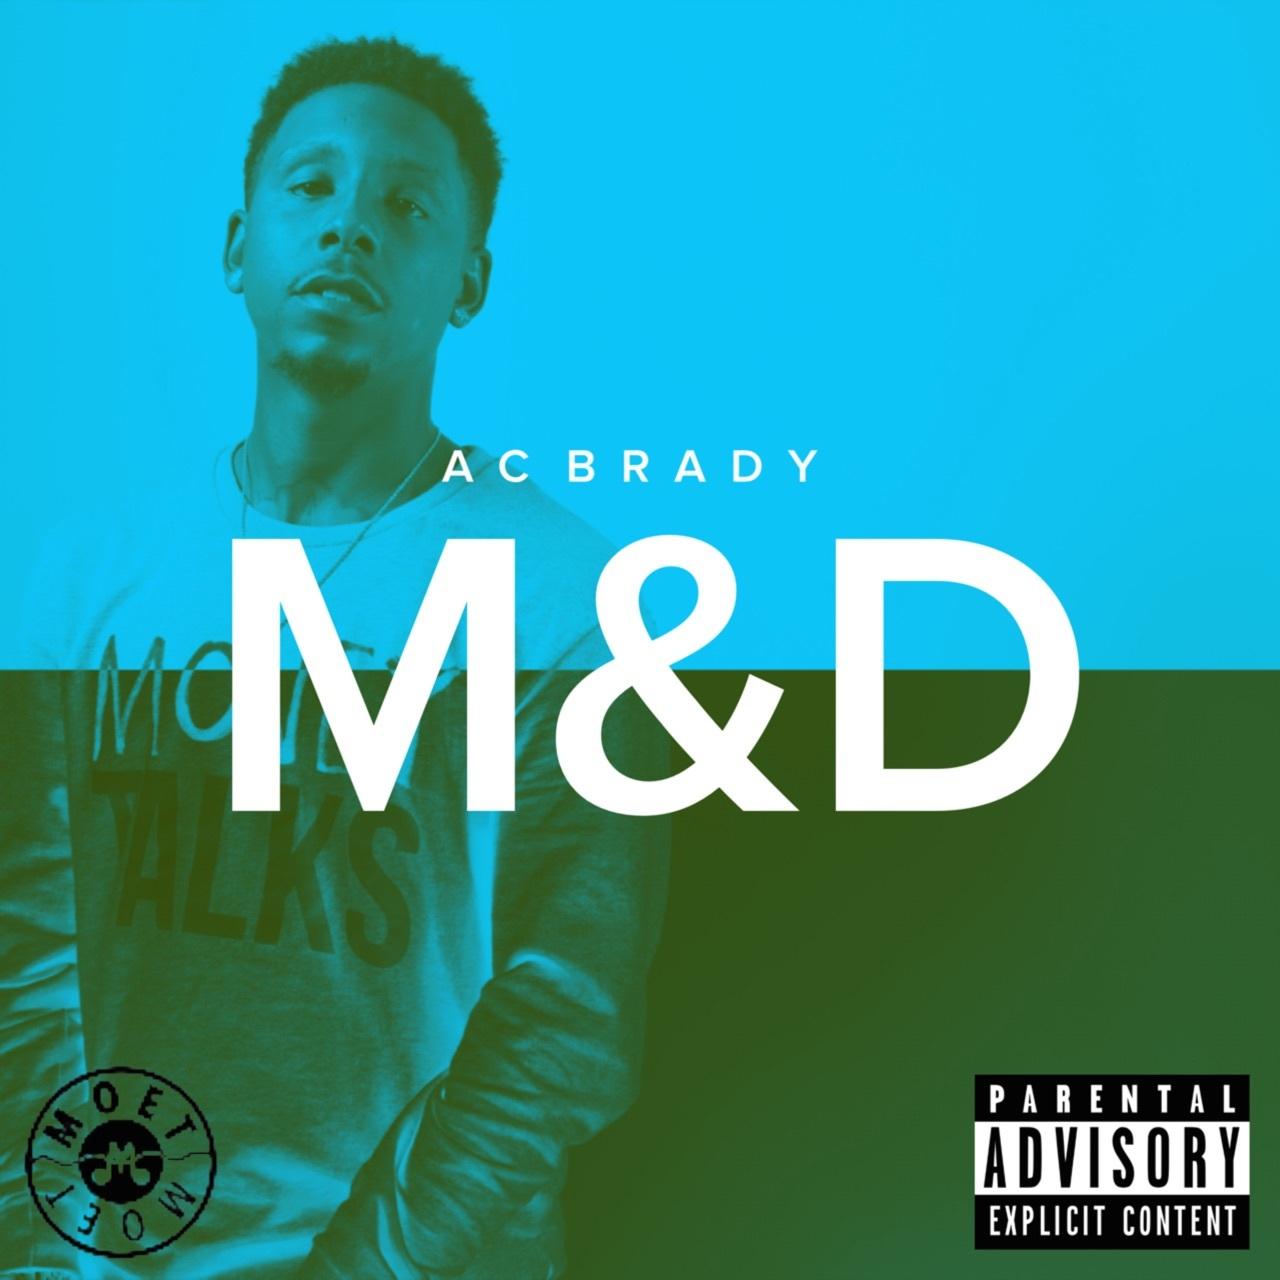 AC Brady - M&D [Thizzler.com]